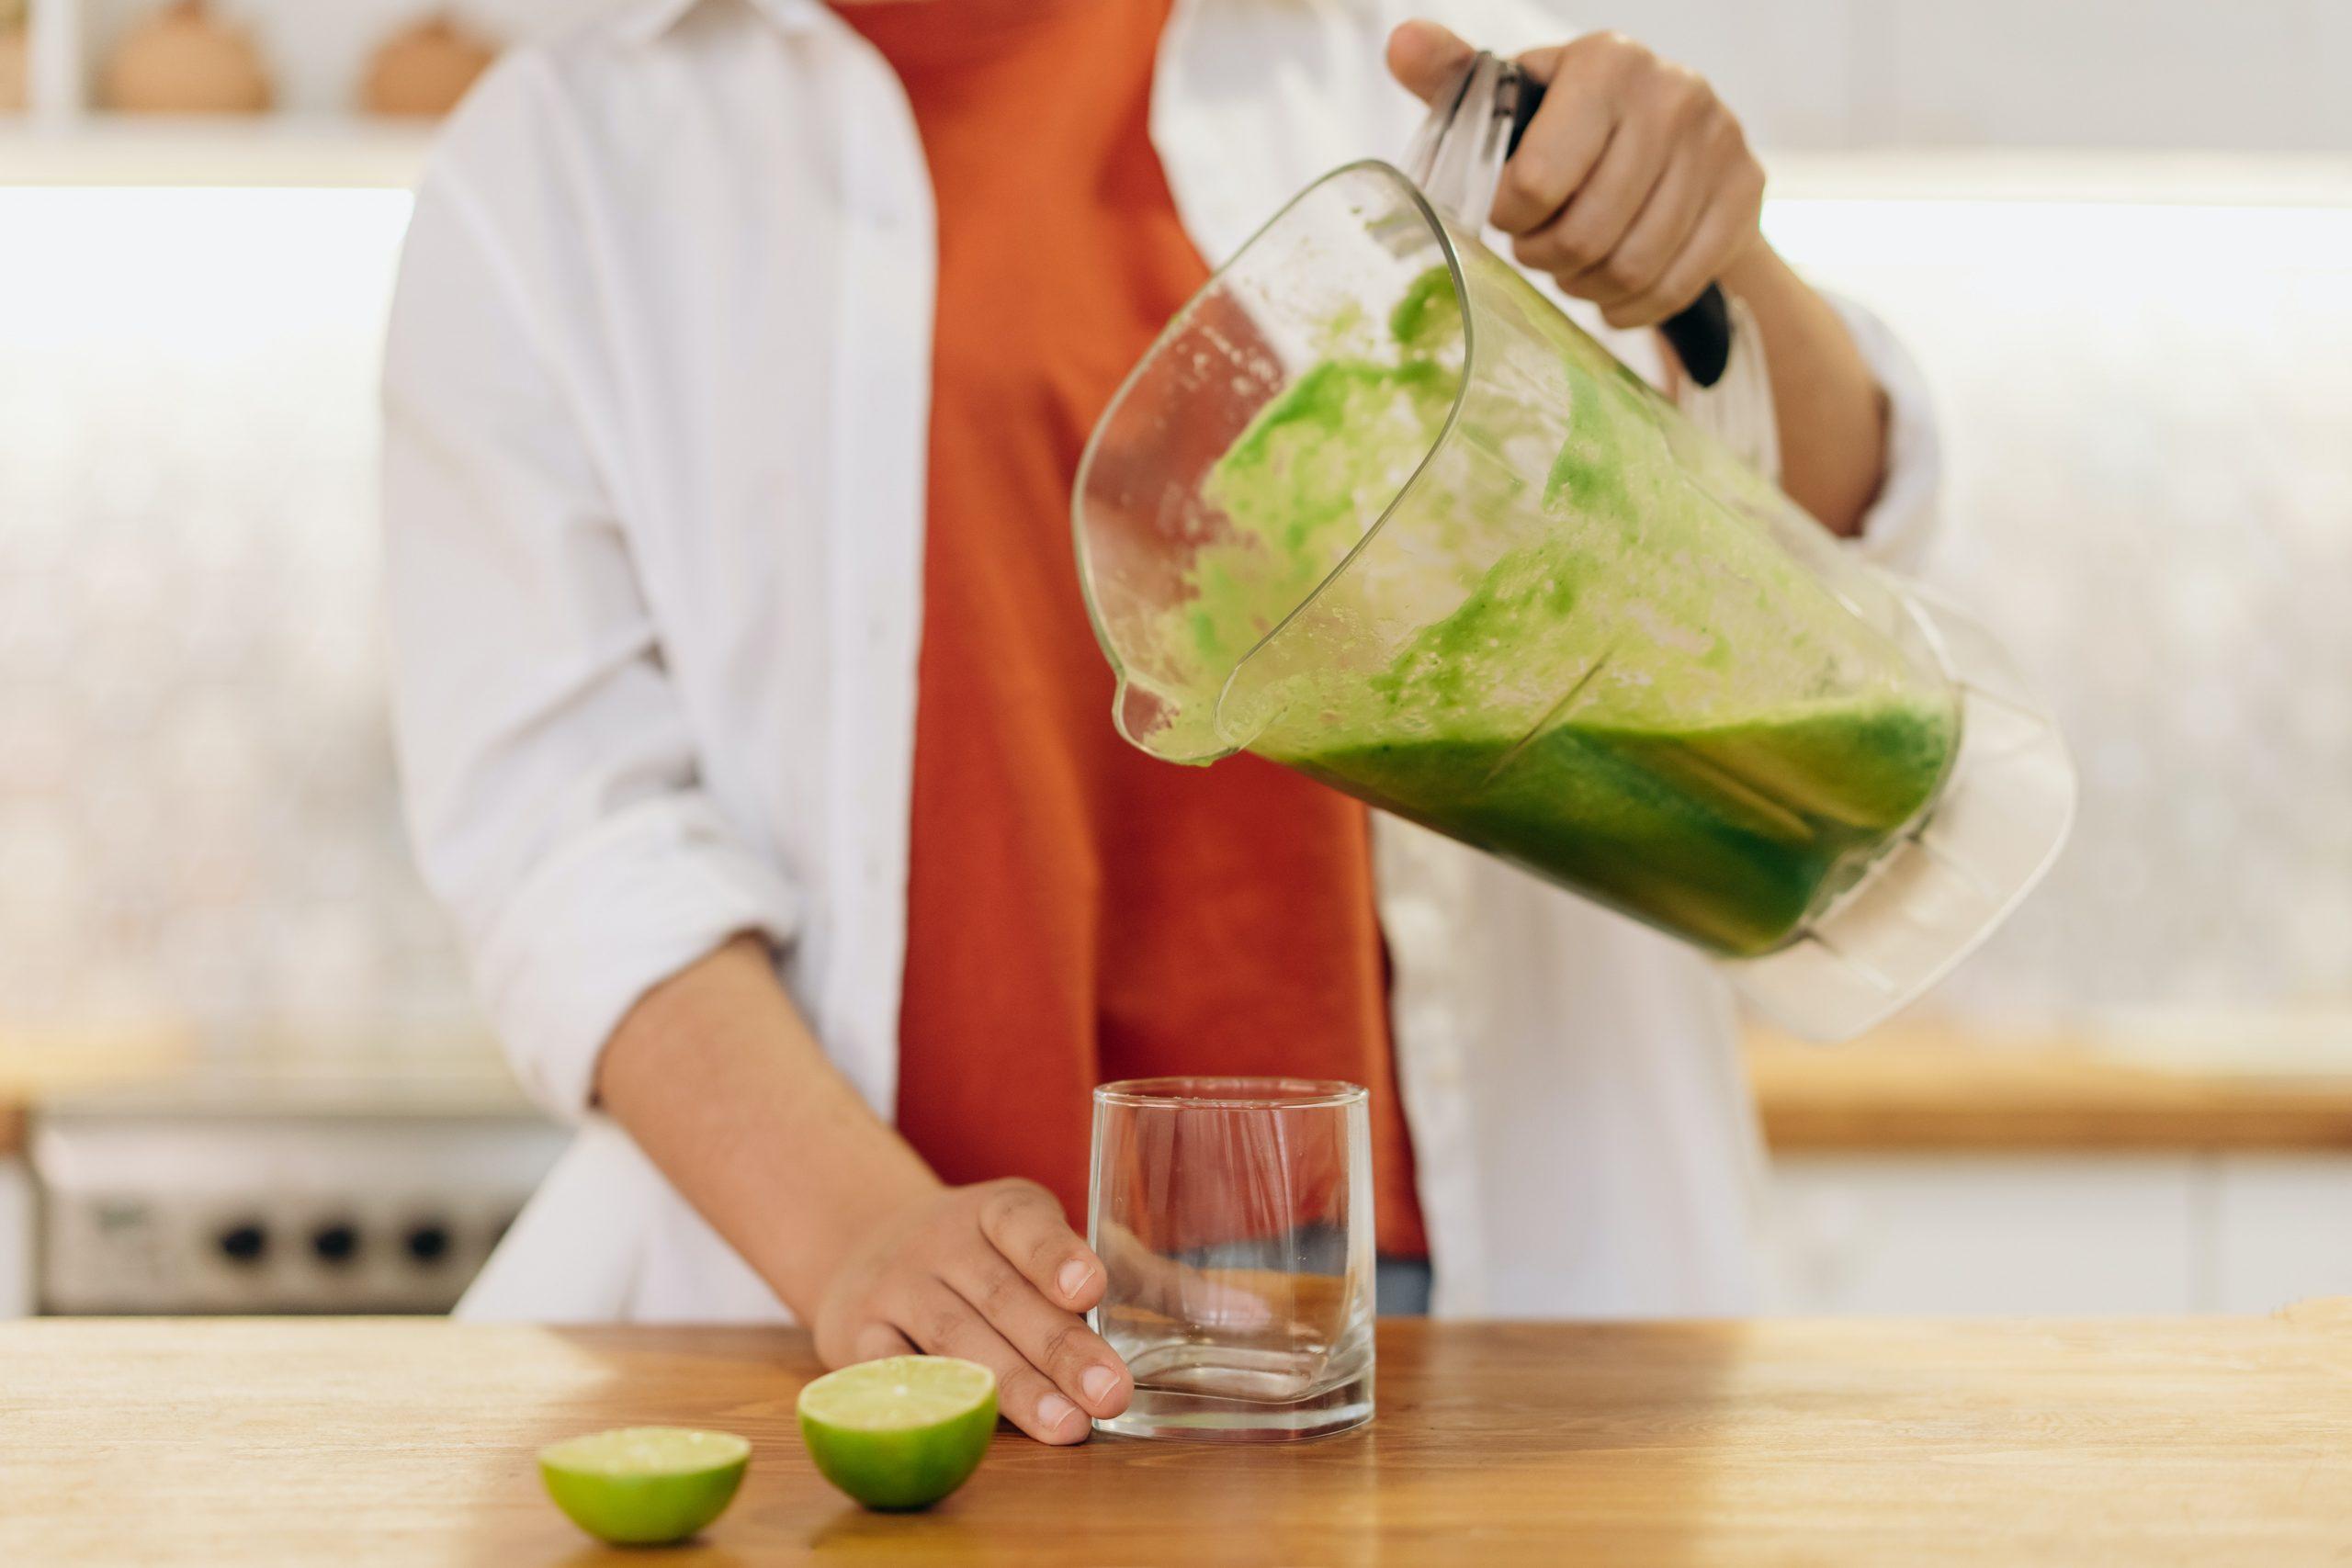 Imagem de uma mulher preparando suco verde.